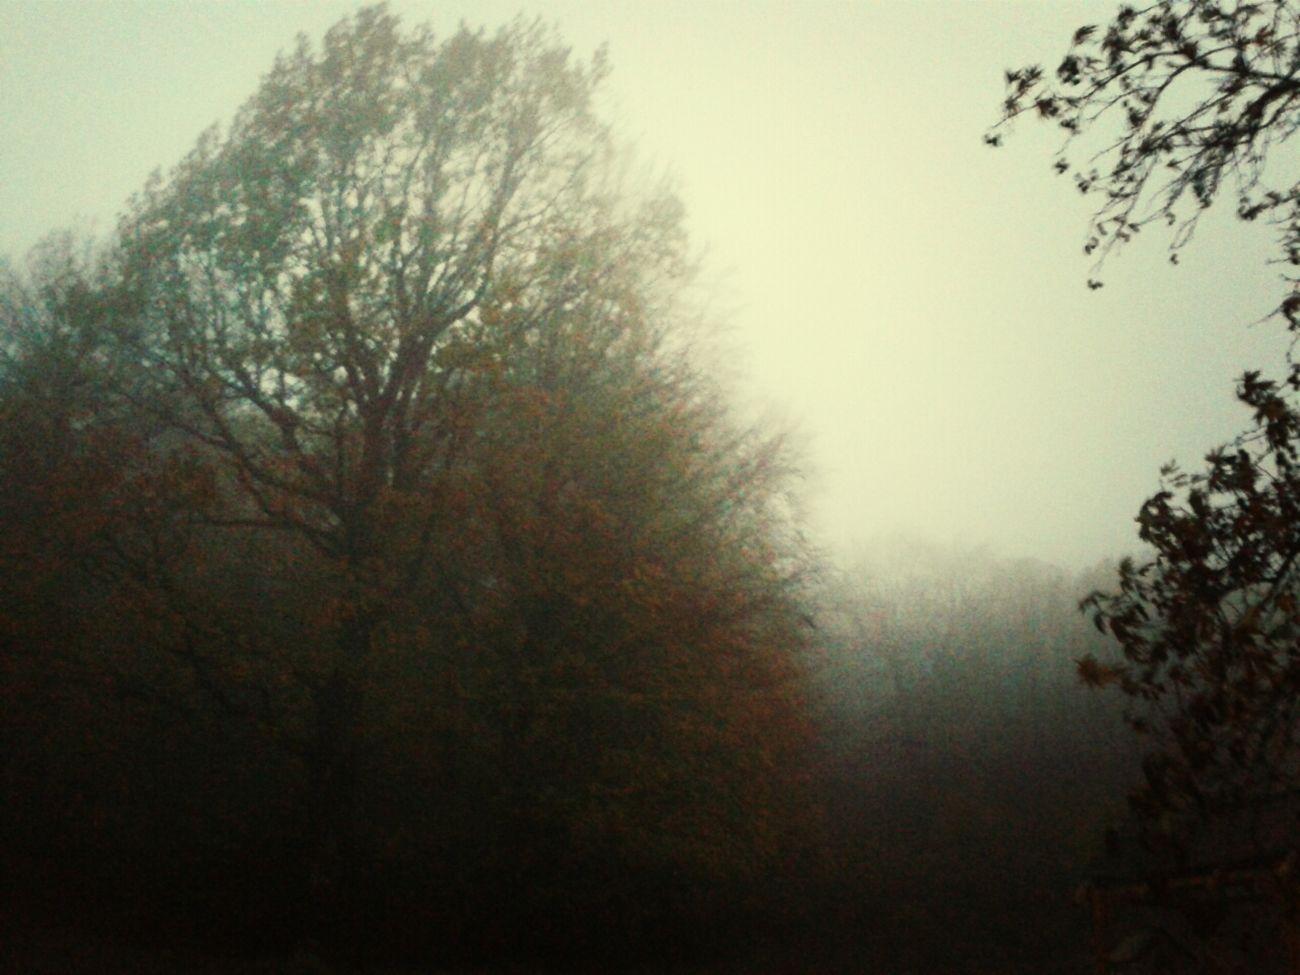 Autumn Mist Veria Greece